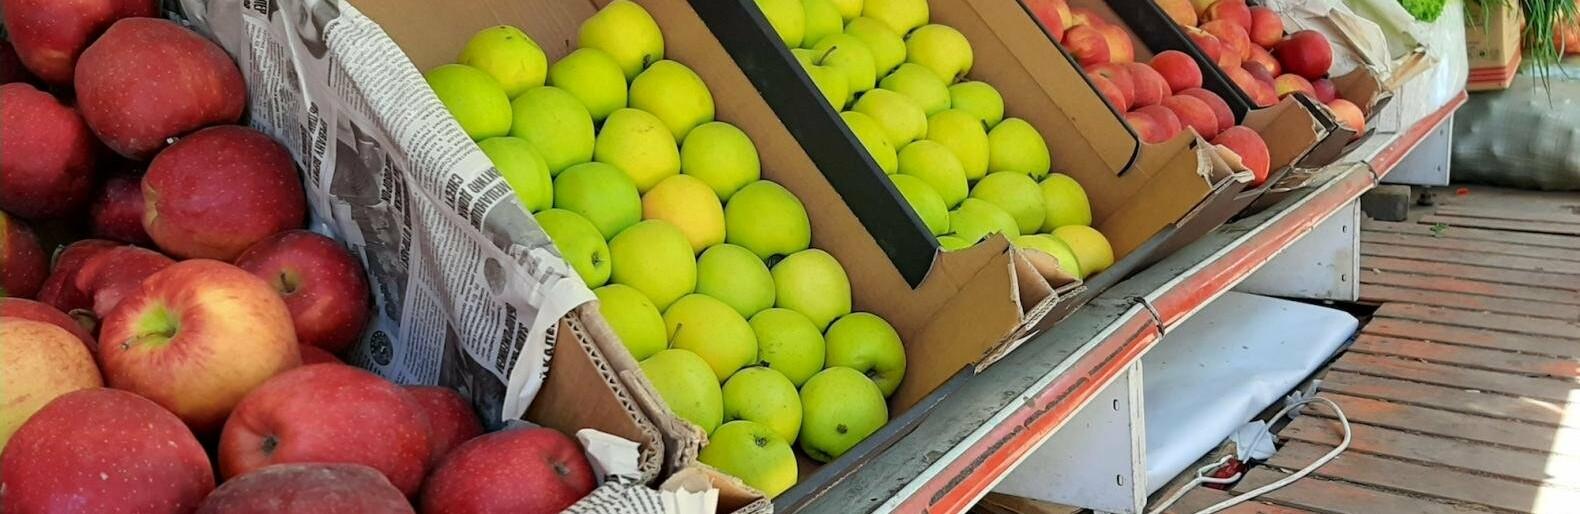 Алматы лидирует по расходам жителей на еду